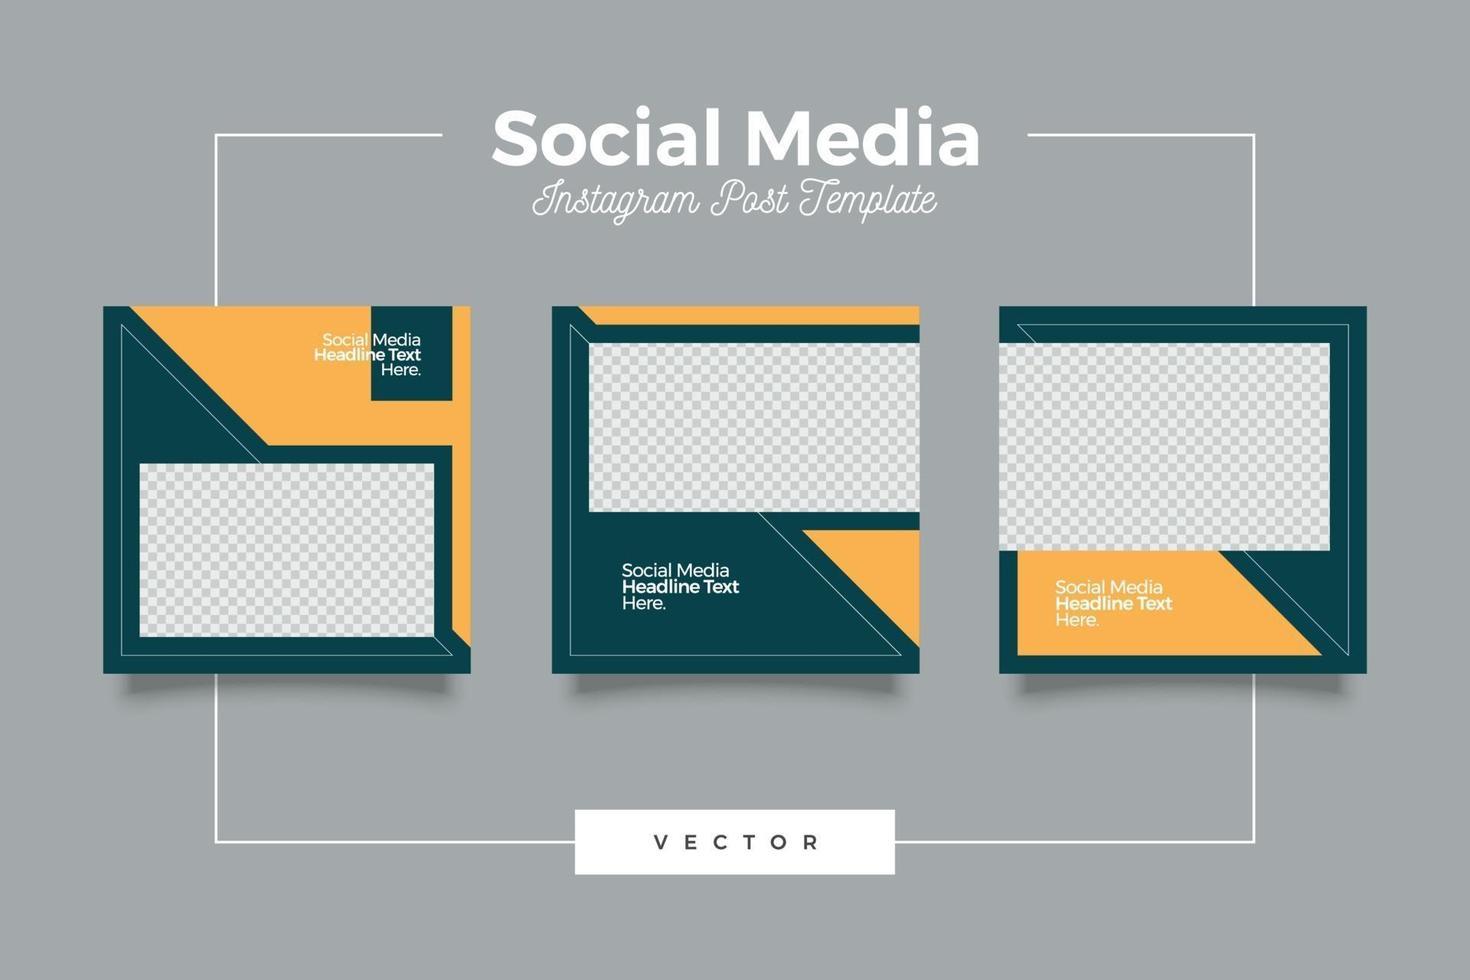 ensemble de modèles de publication sur les réseaux sociaux modernes et simples vecteur